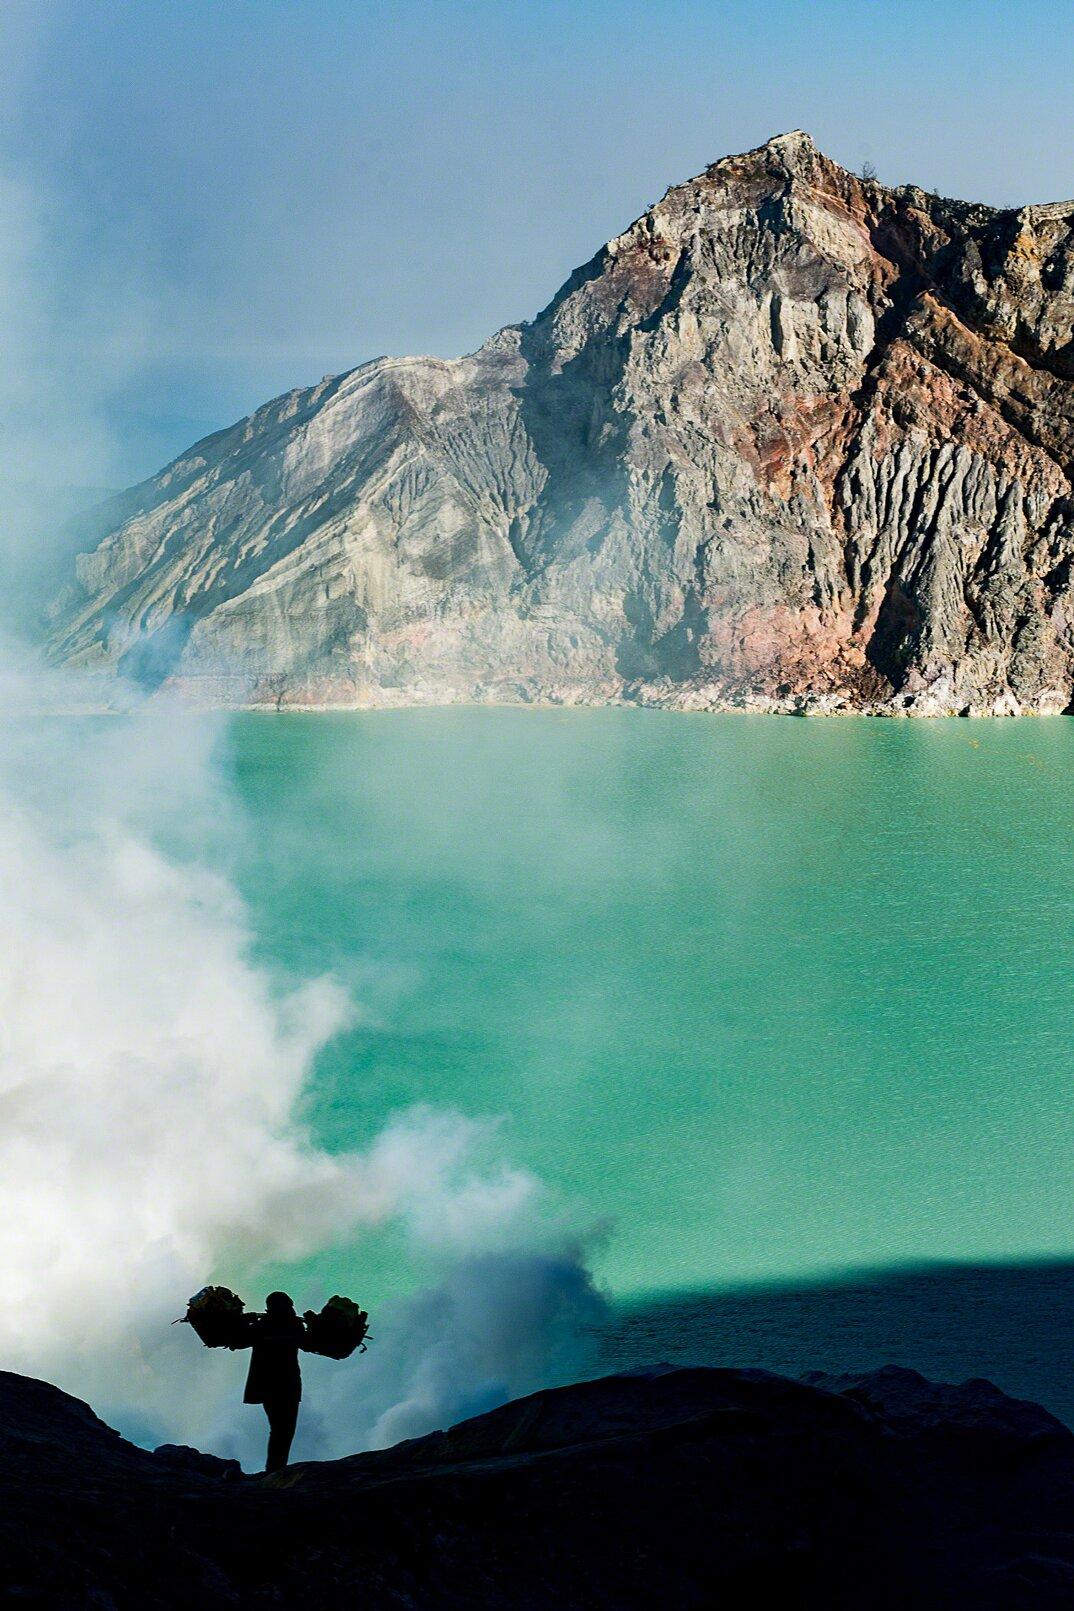 fotografia-minatori-zolfo-indonesia-davide-de-conti-07